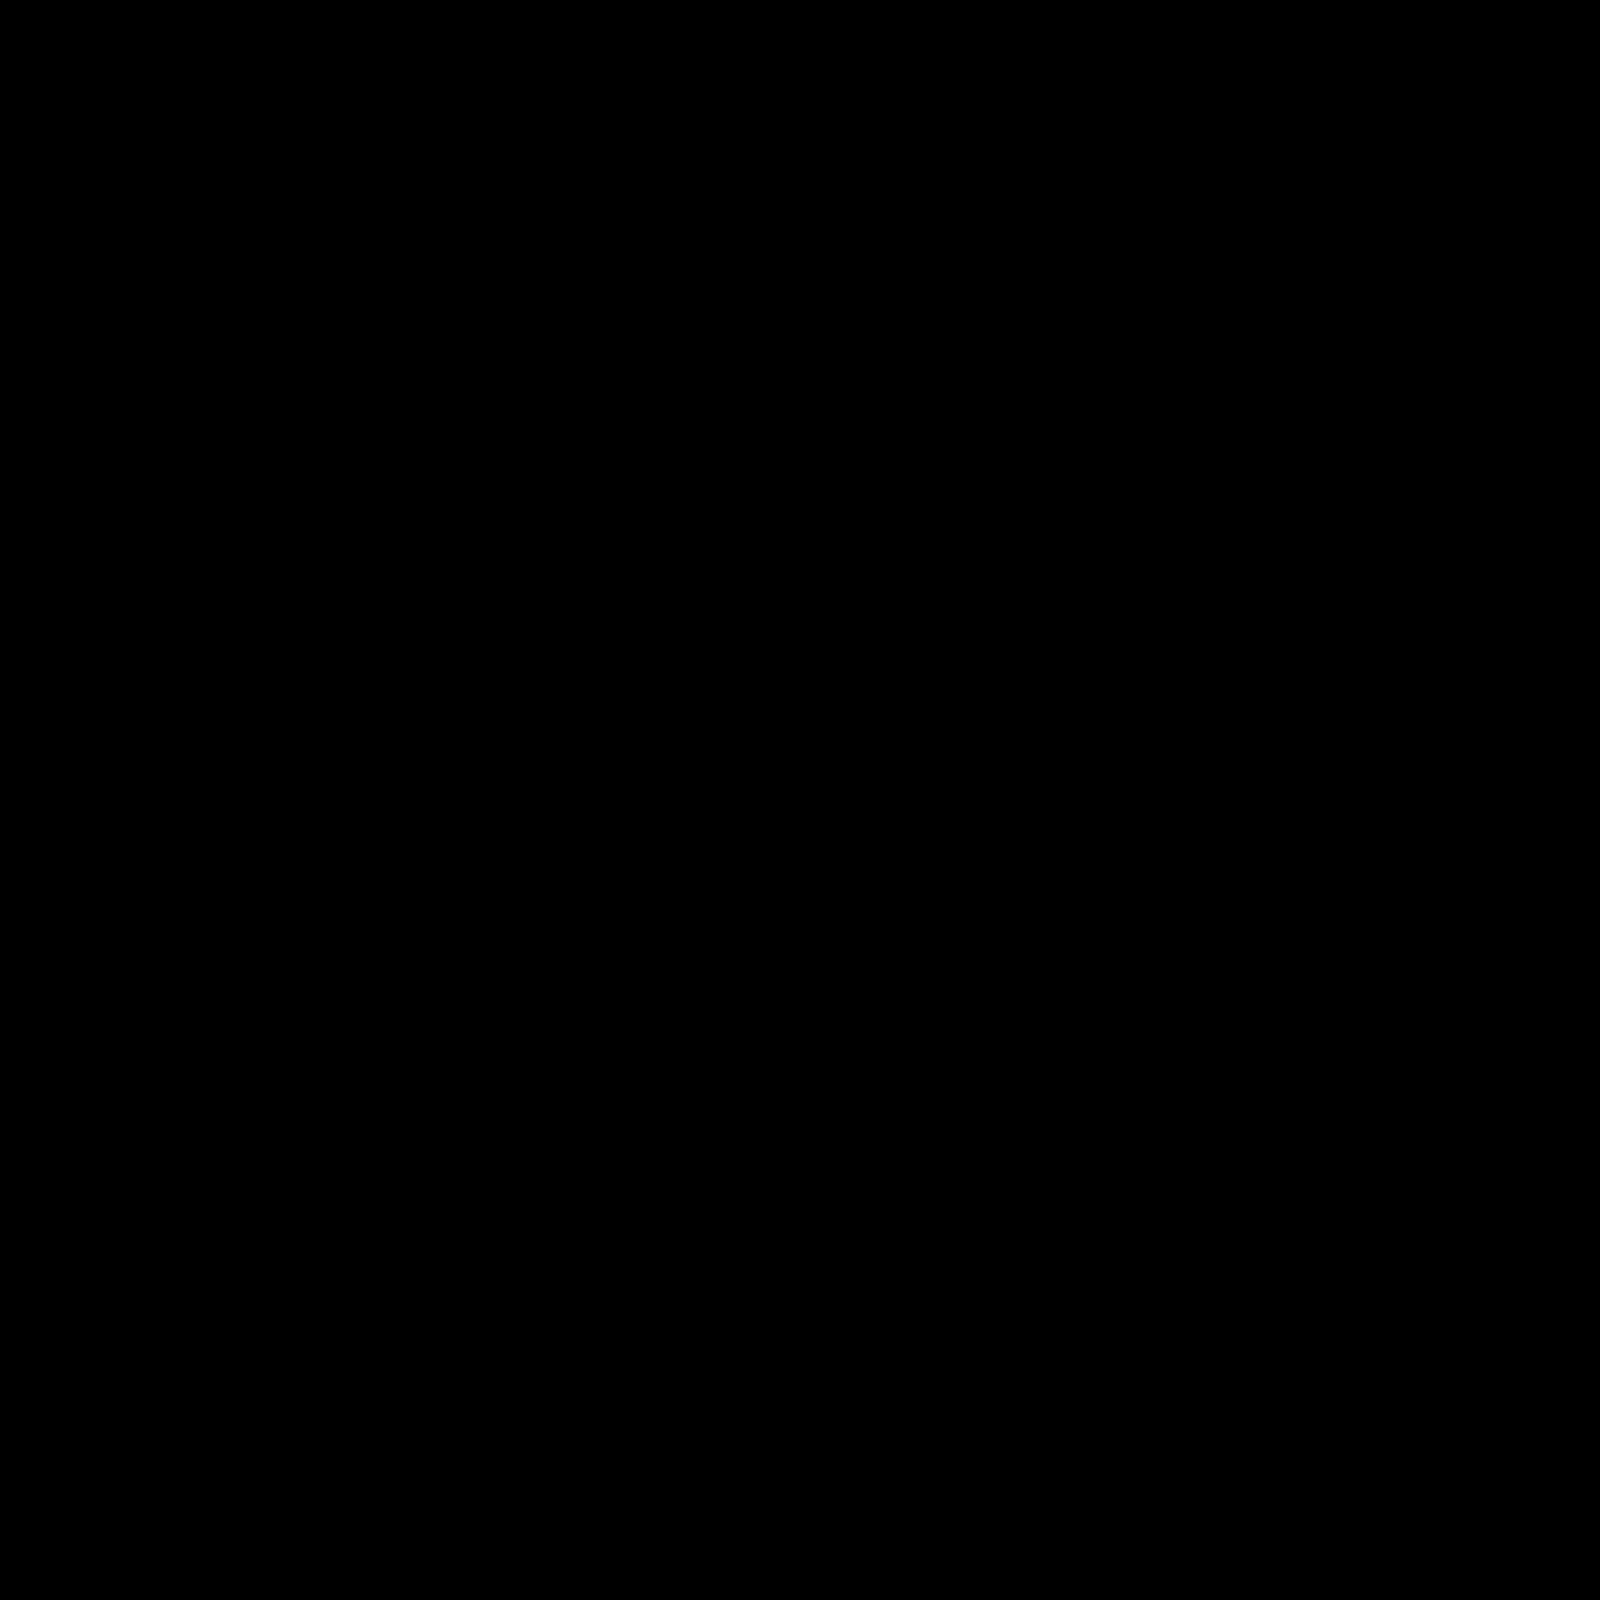 Ten Keys Filled icon